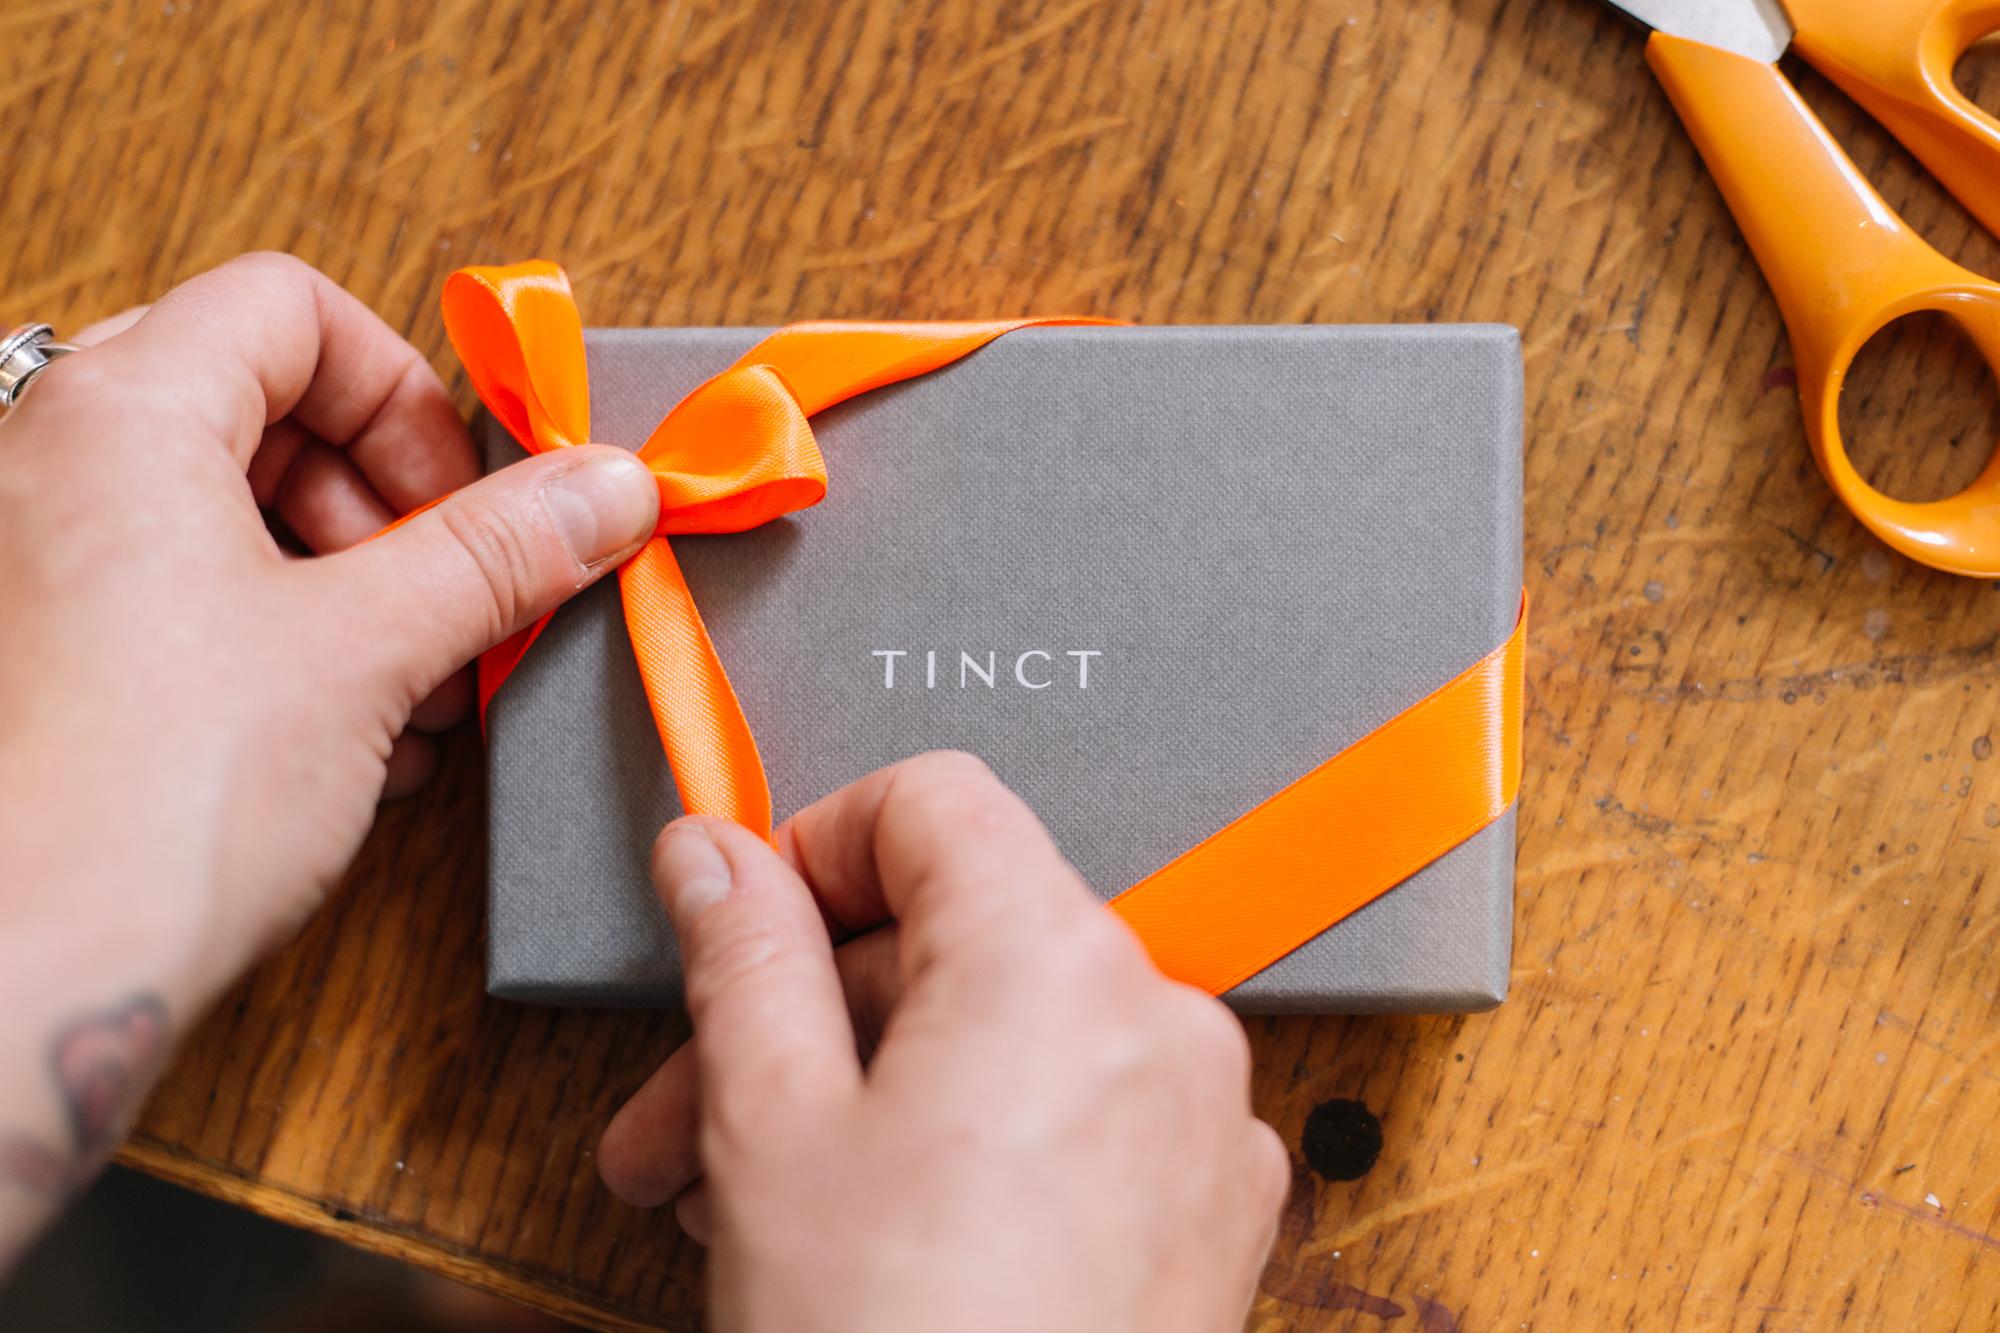 Tinct